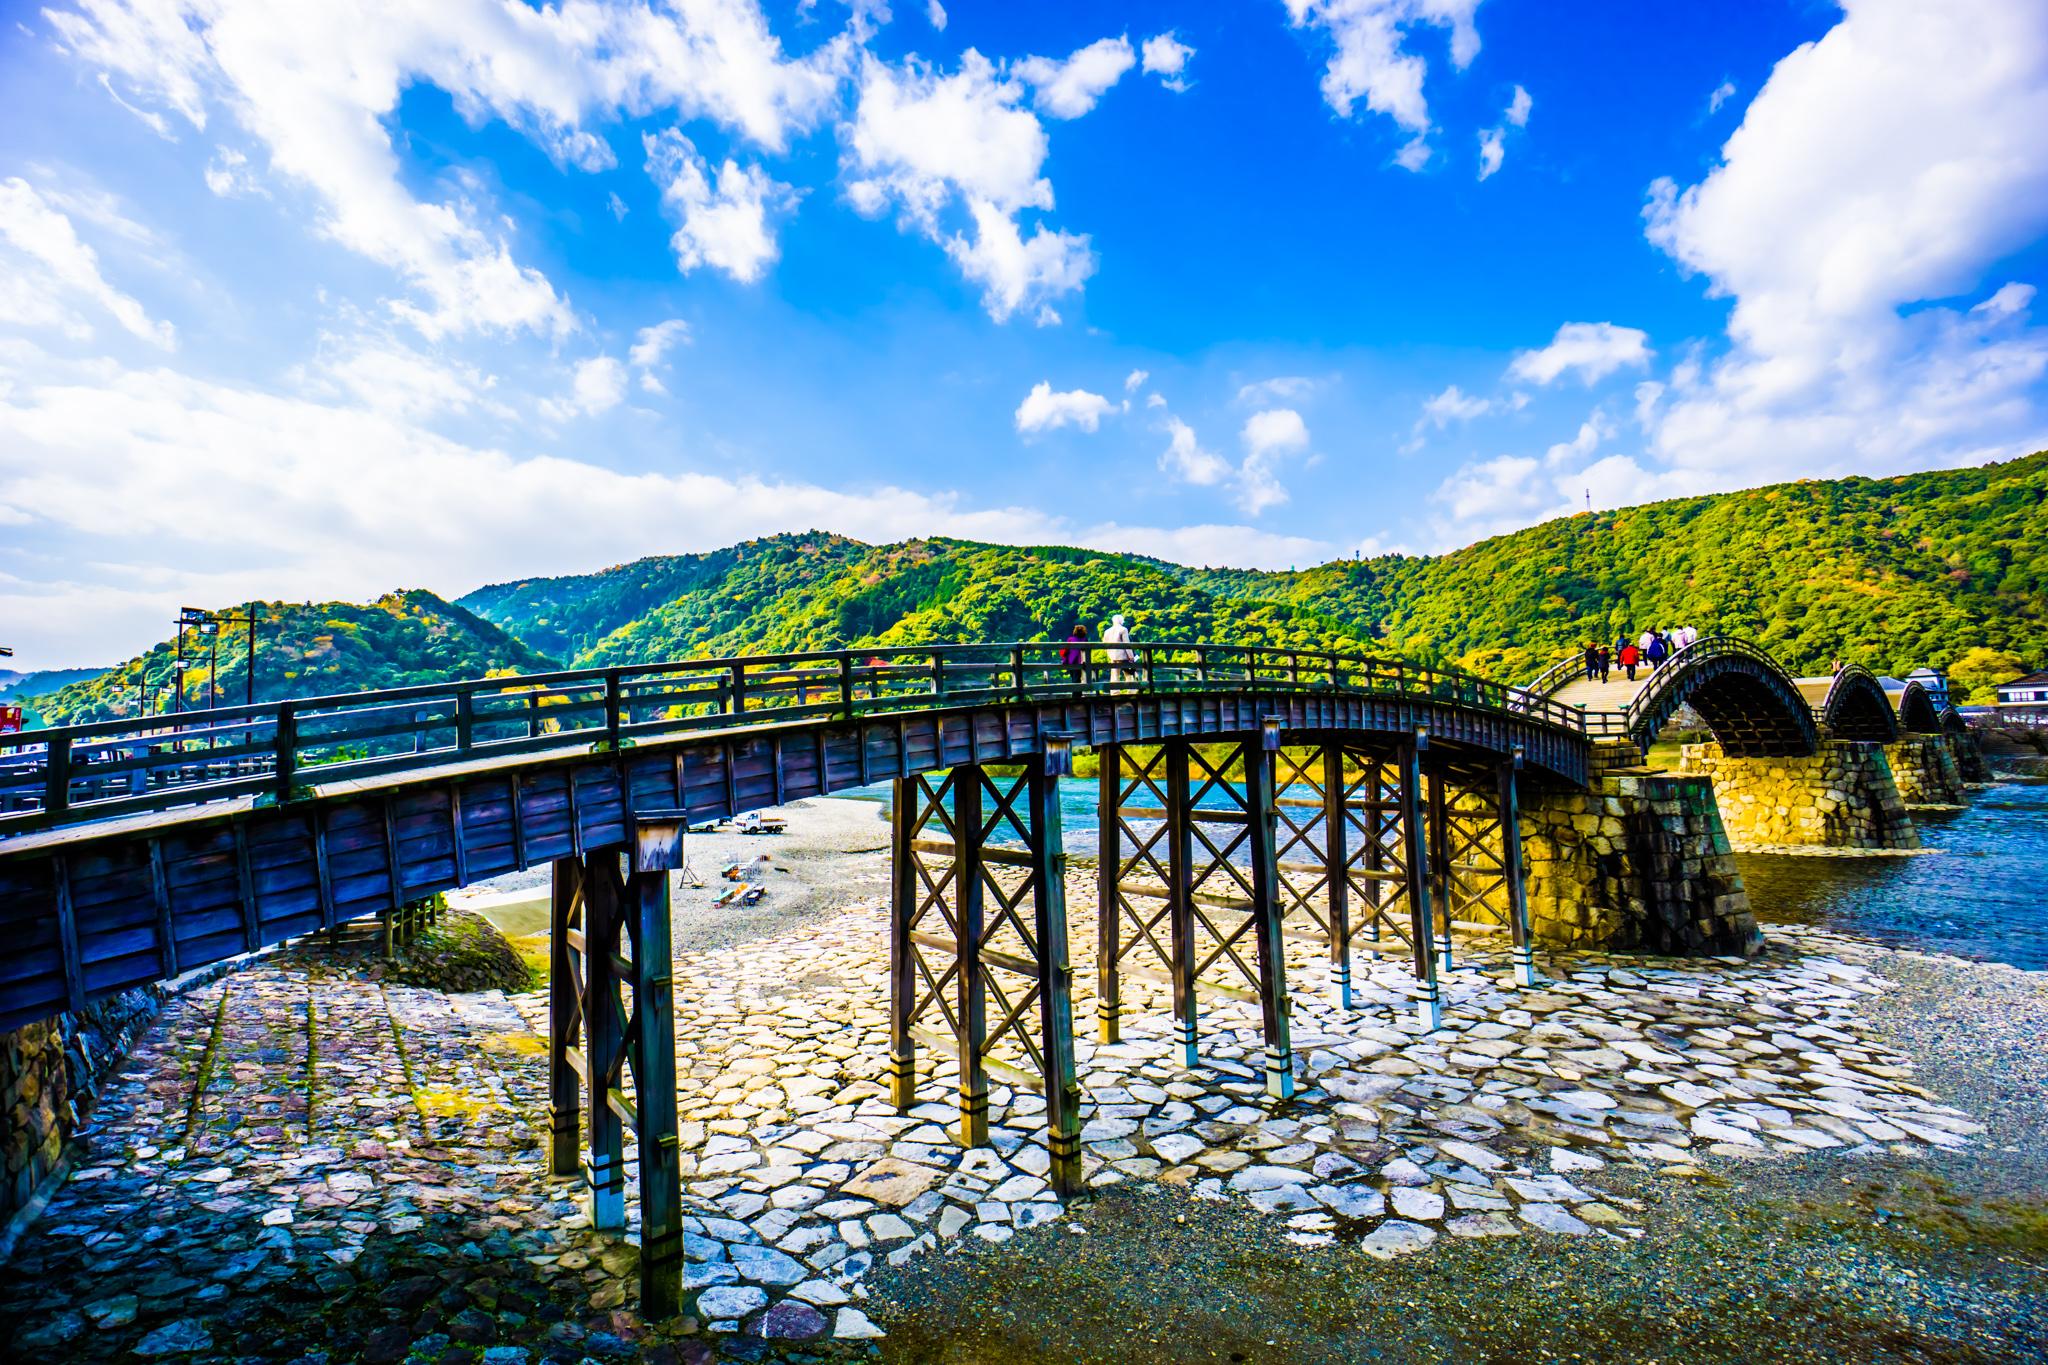 岩国 錦帯橋 アイキャッチ画像